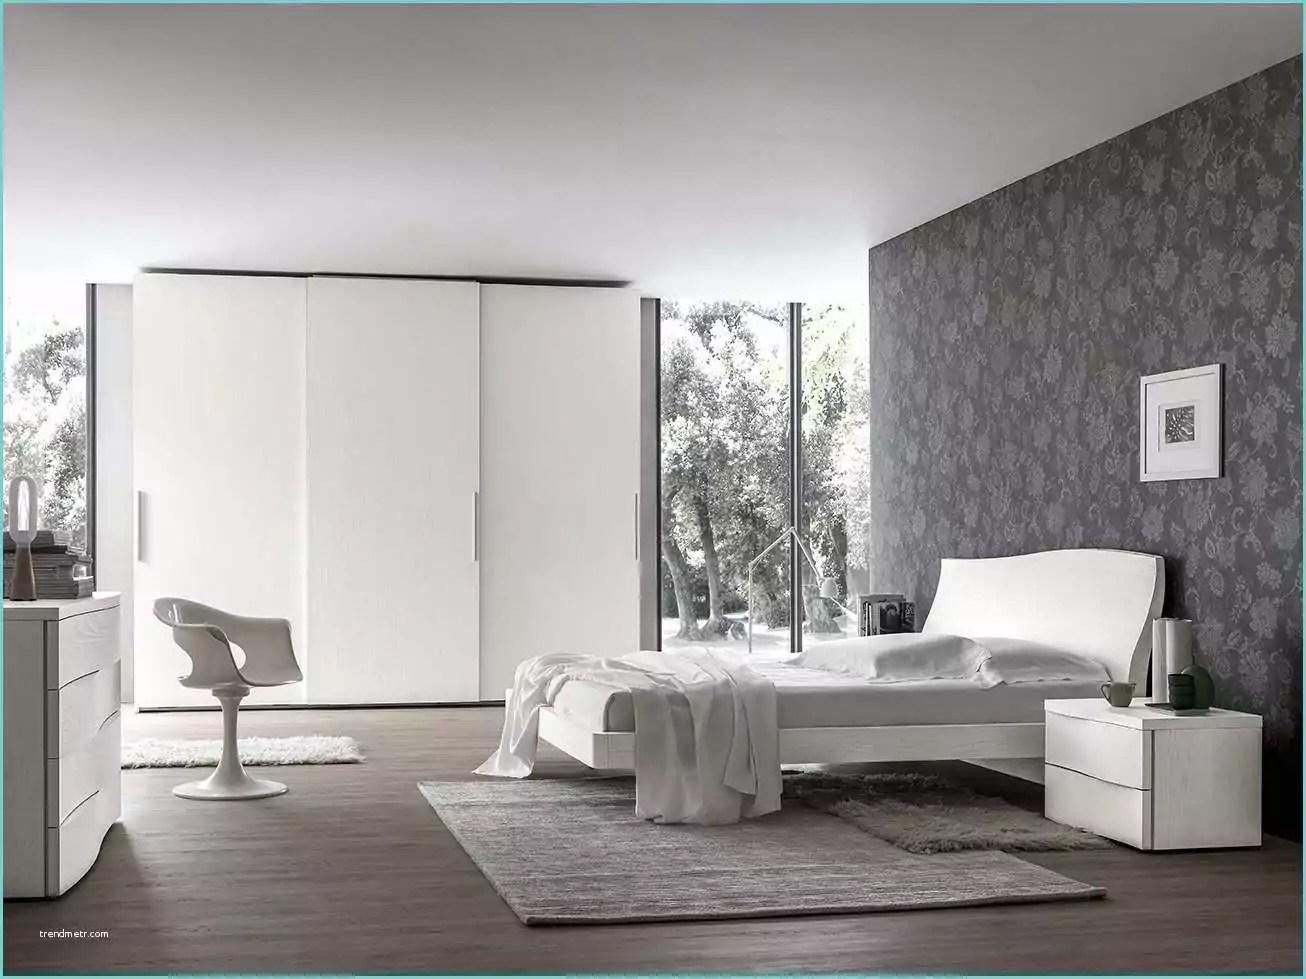 Camera Da Letto Moderna Pittura | Moda Pitture Moderne Per Camere Da ...